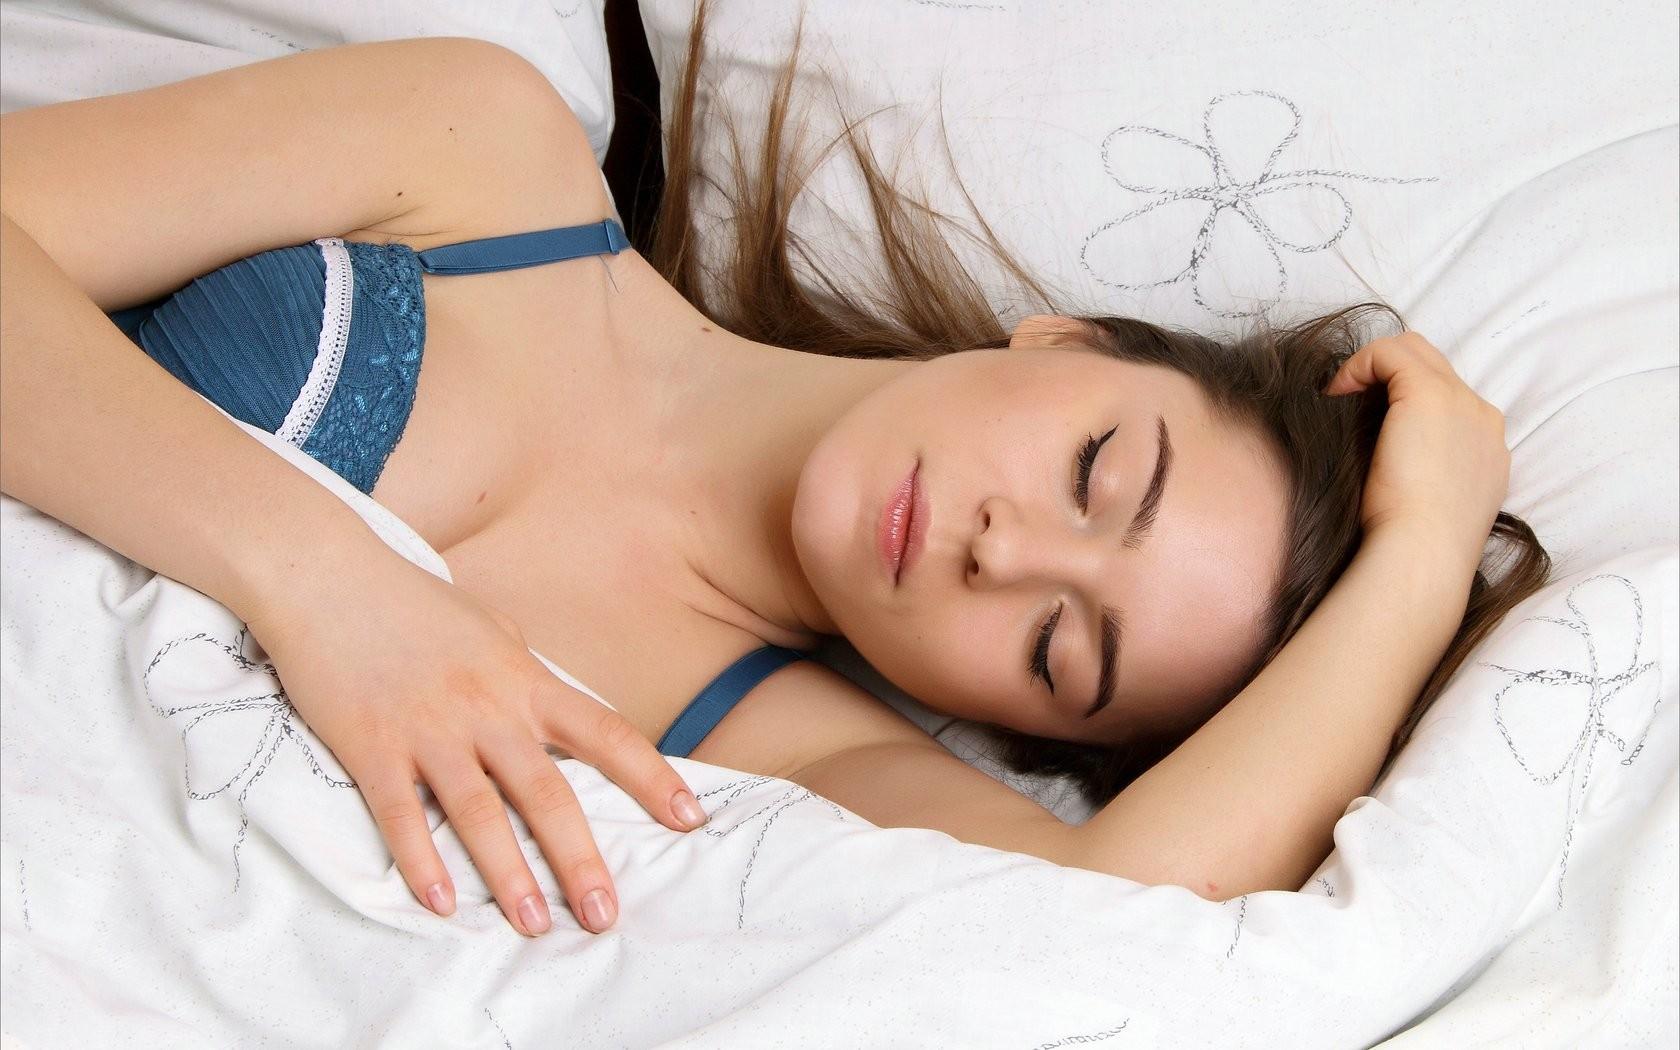 Ученые: Сон помогает освободиться от ненужной информации